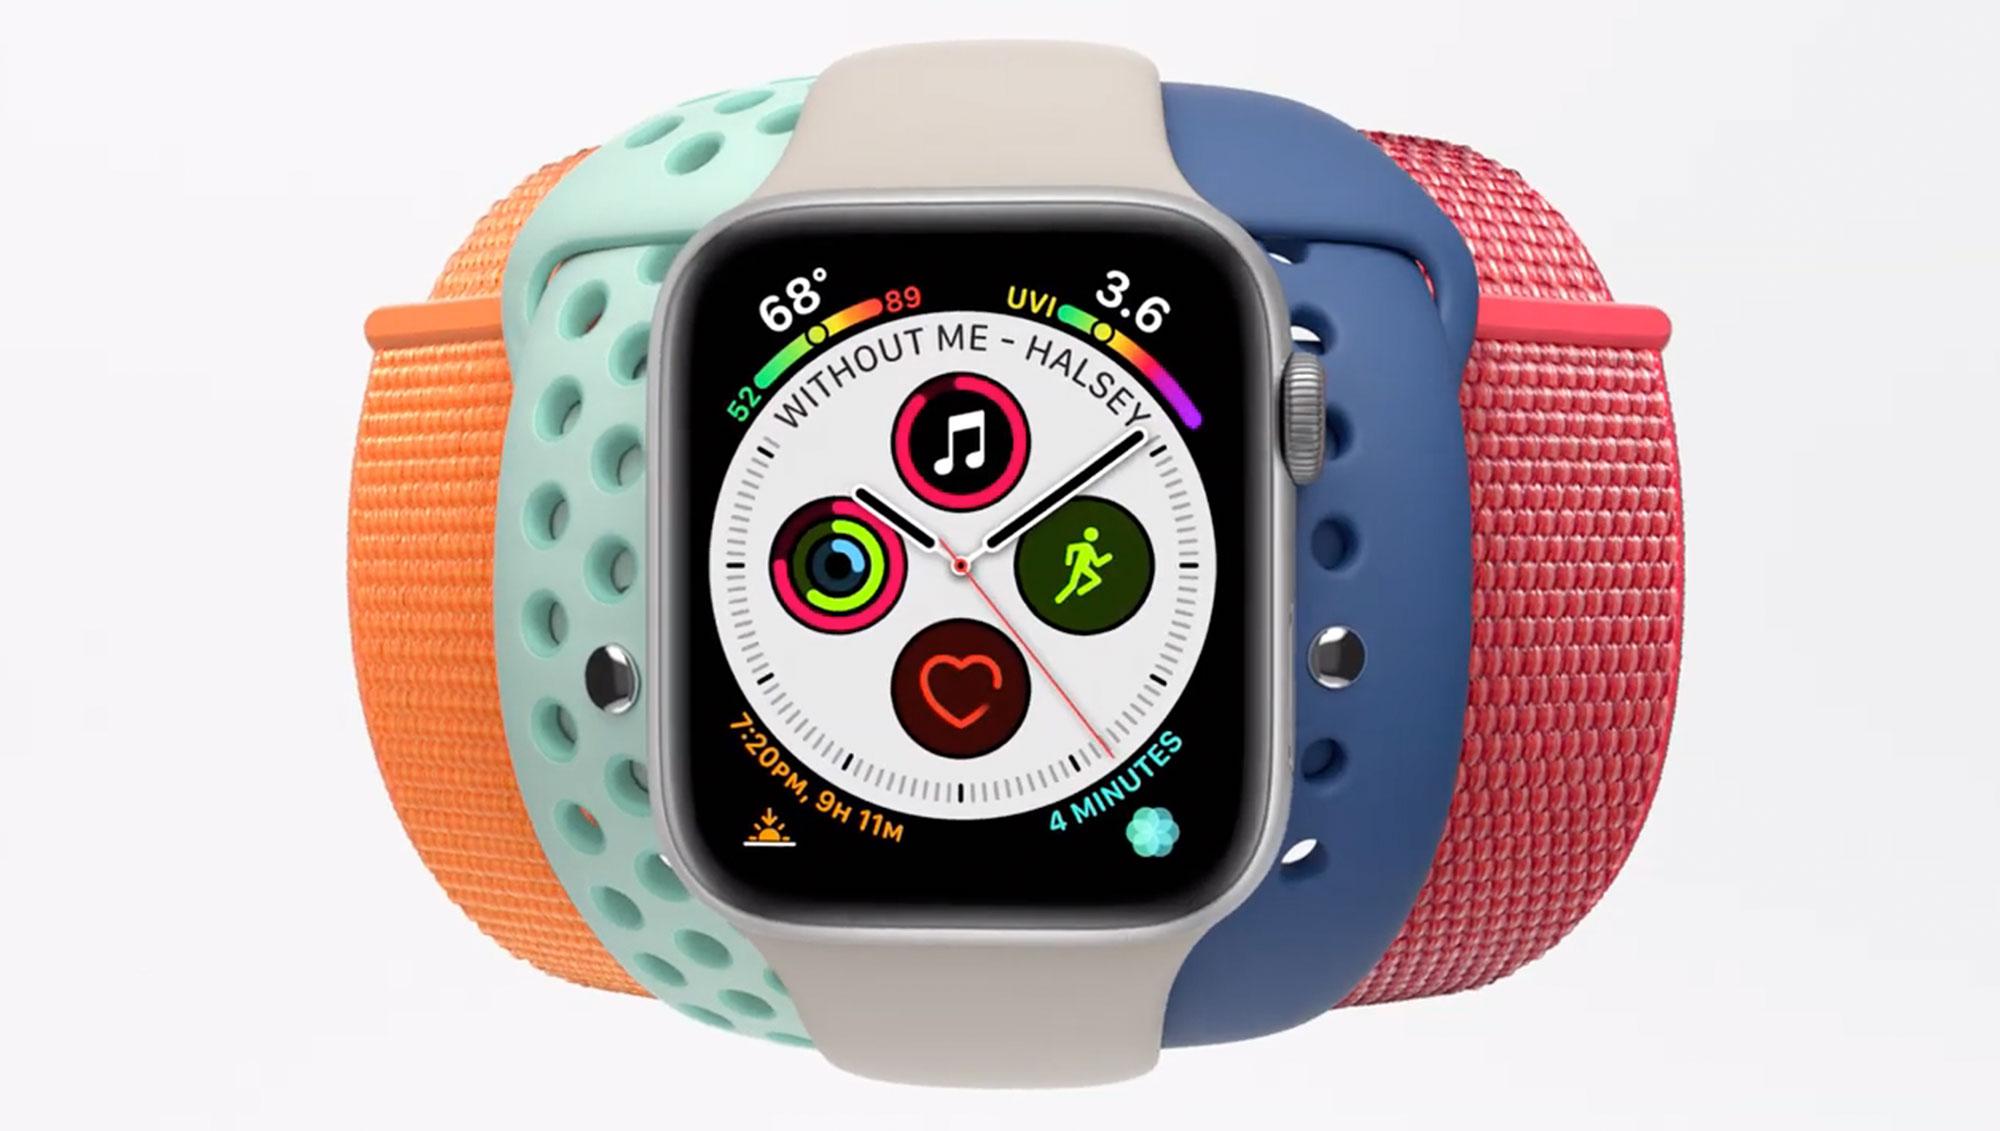 苹果分享 Apple Watch 全新广告,宣传多彩表带